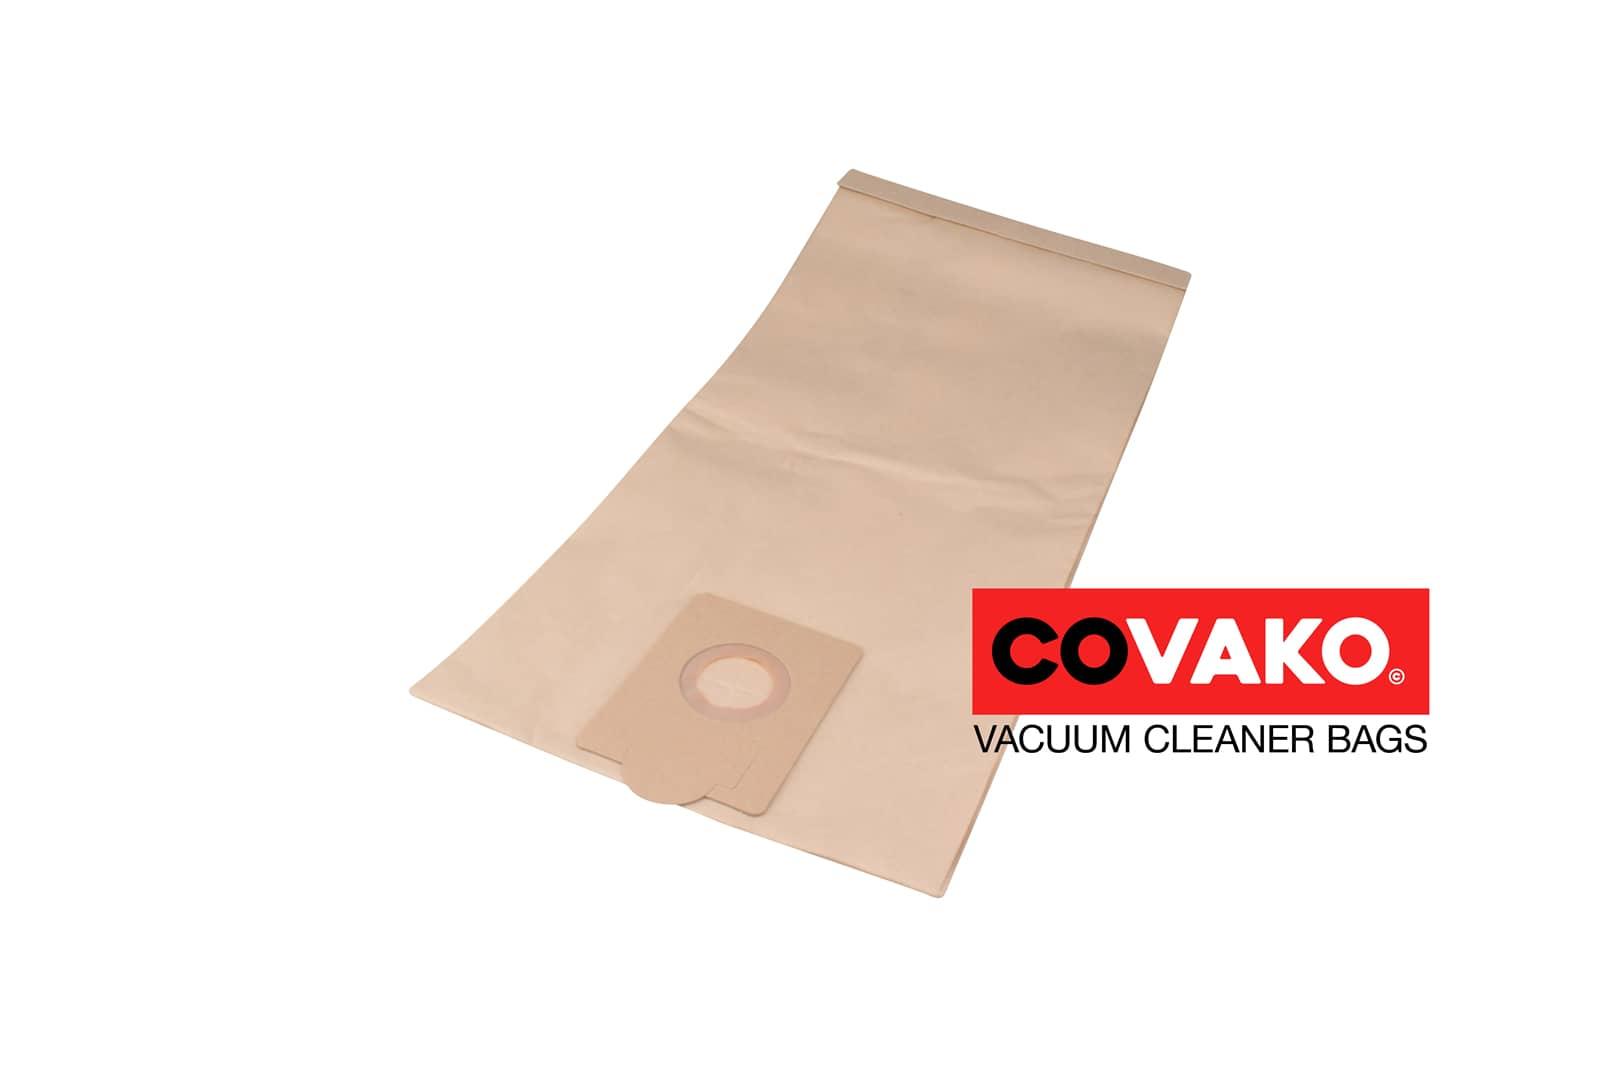 Borema AS 20 / Papier - Borema sacs d'aspirateur